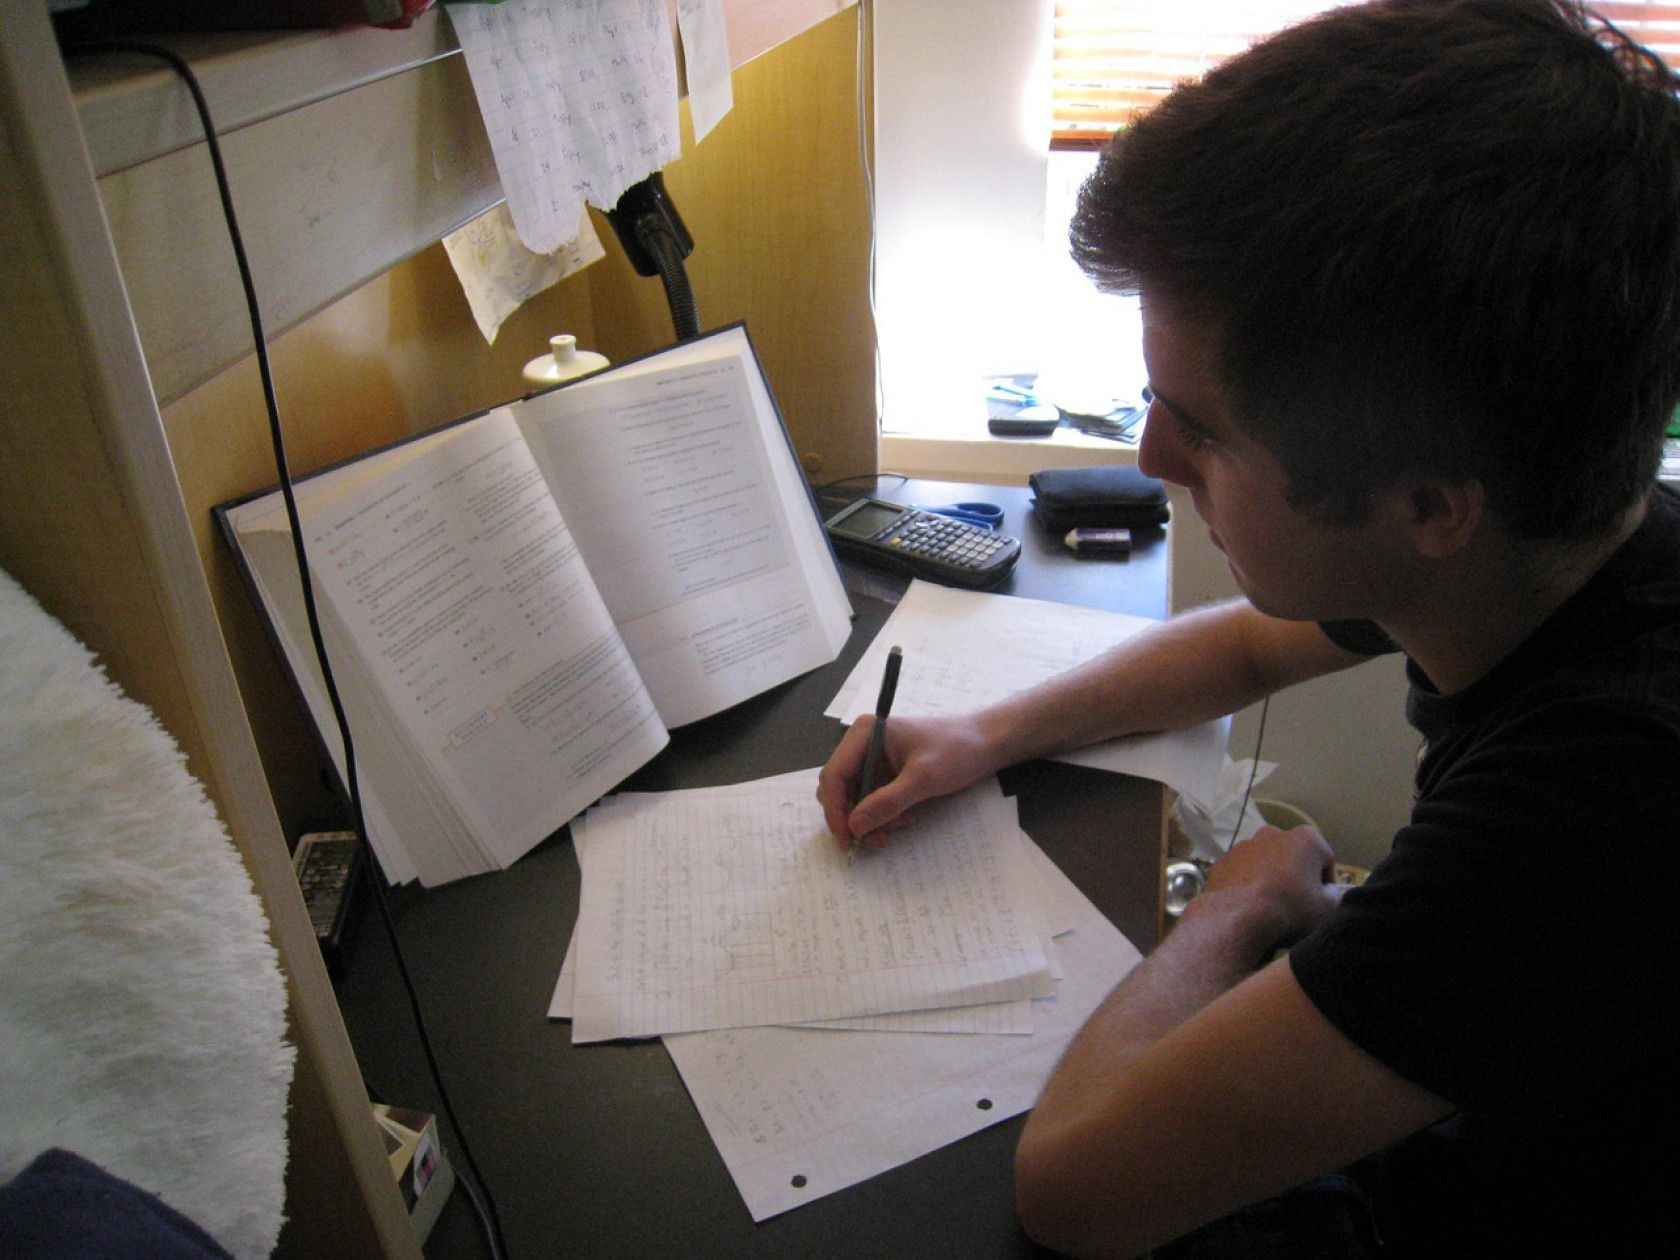 İtalya'da Geçerli Olan Diploma Programları Nelerdir?